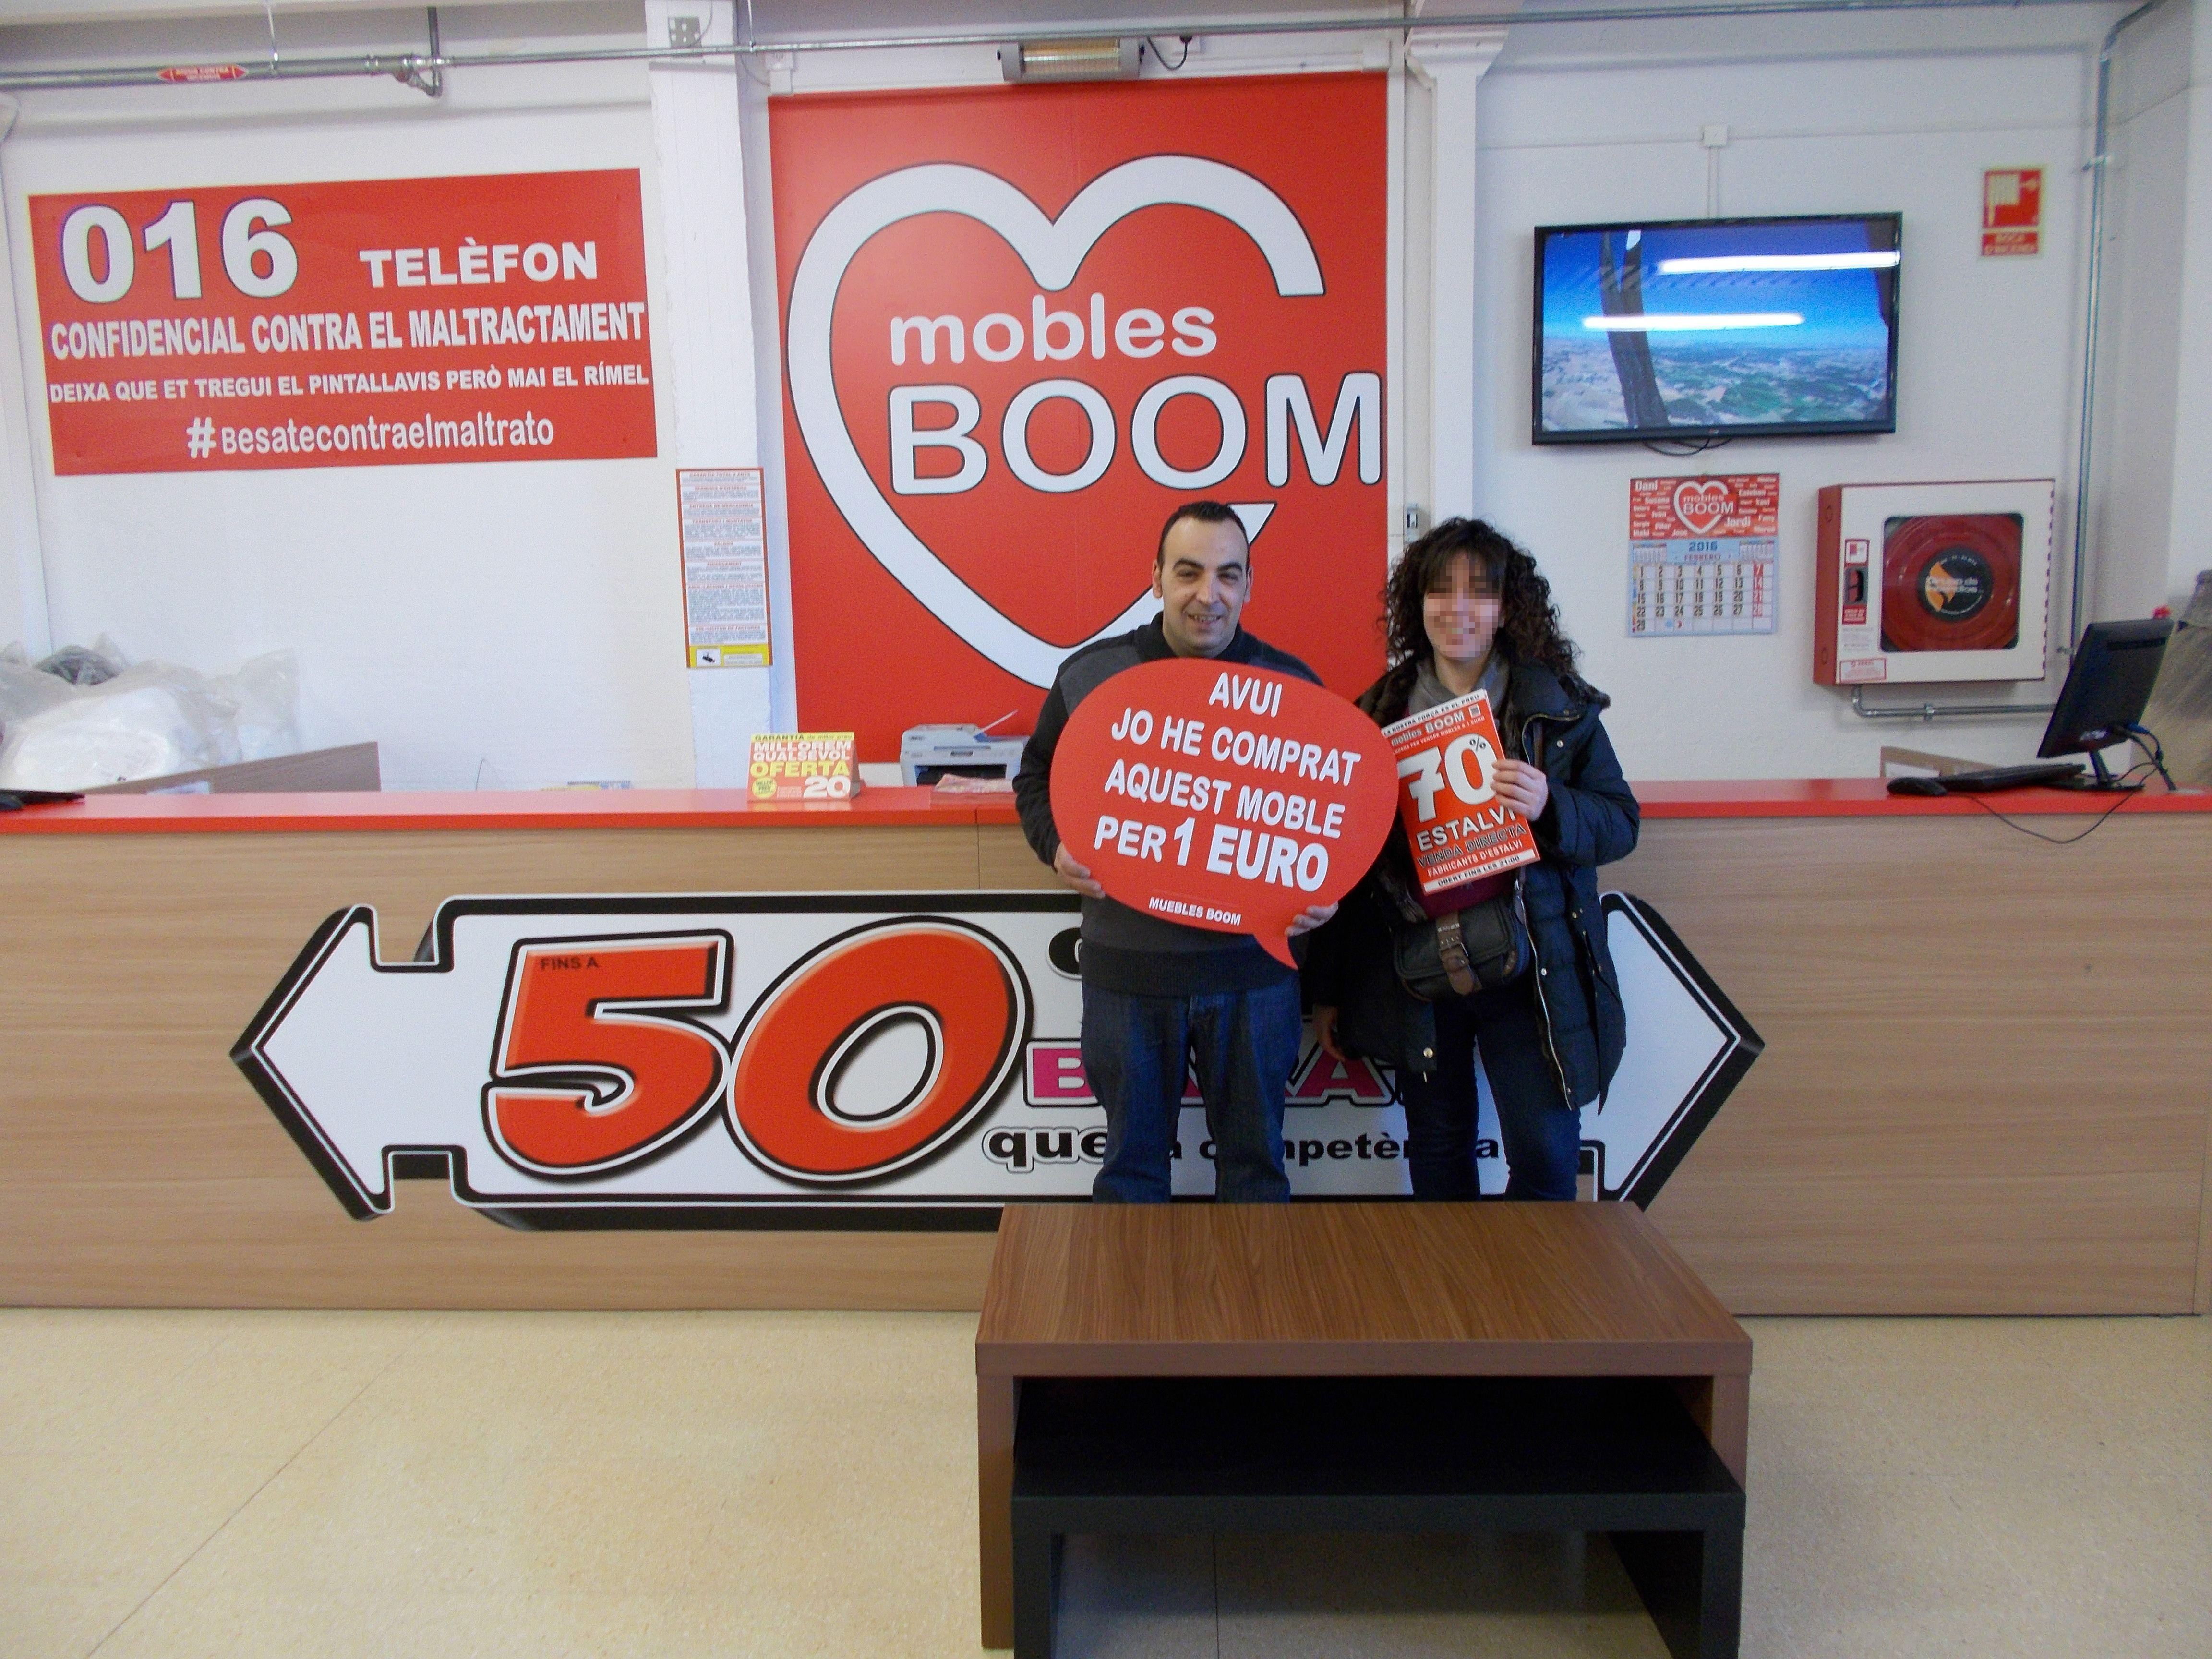 El Pasado Lunes Javier G V Se Compr Por S Lo 1 Euro Esta  # Muebles Boom Vitoria